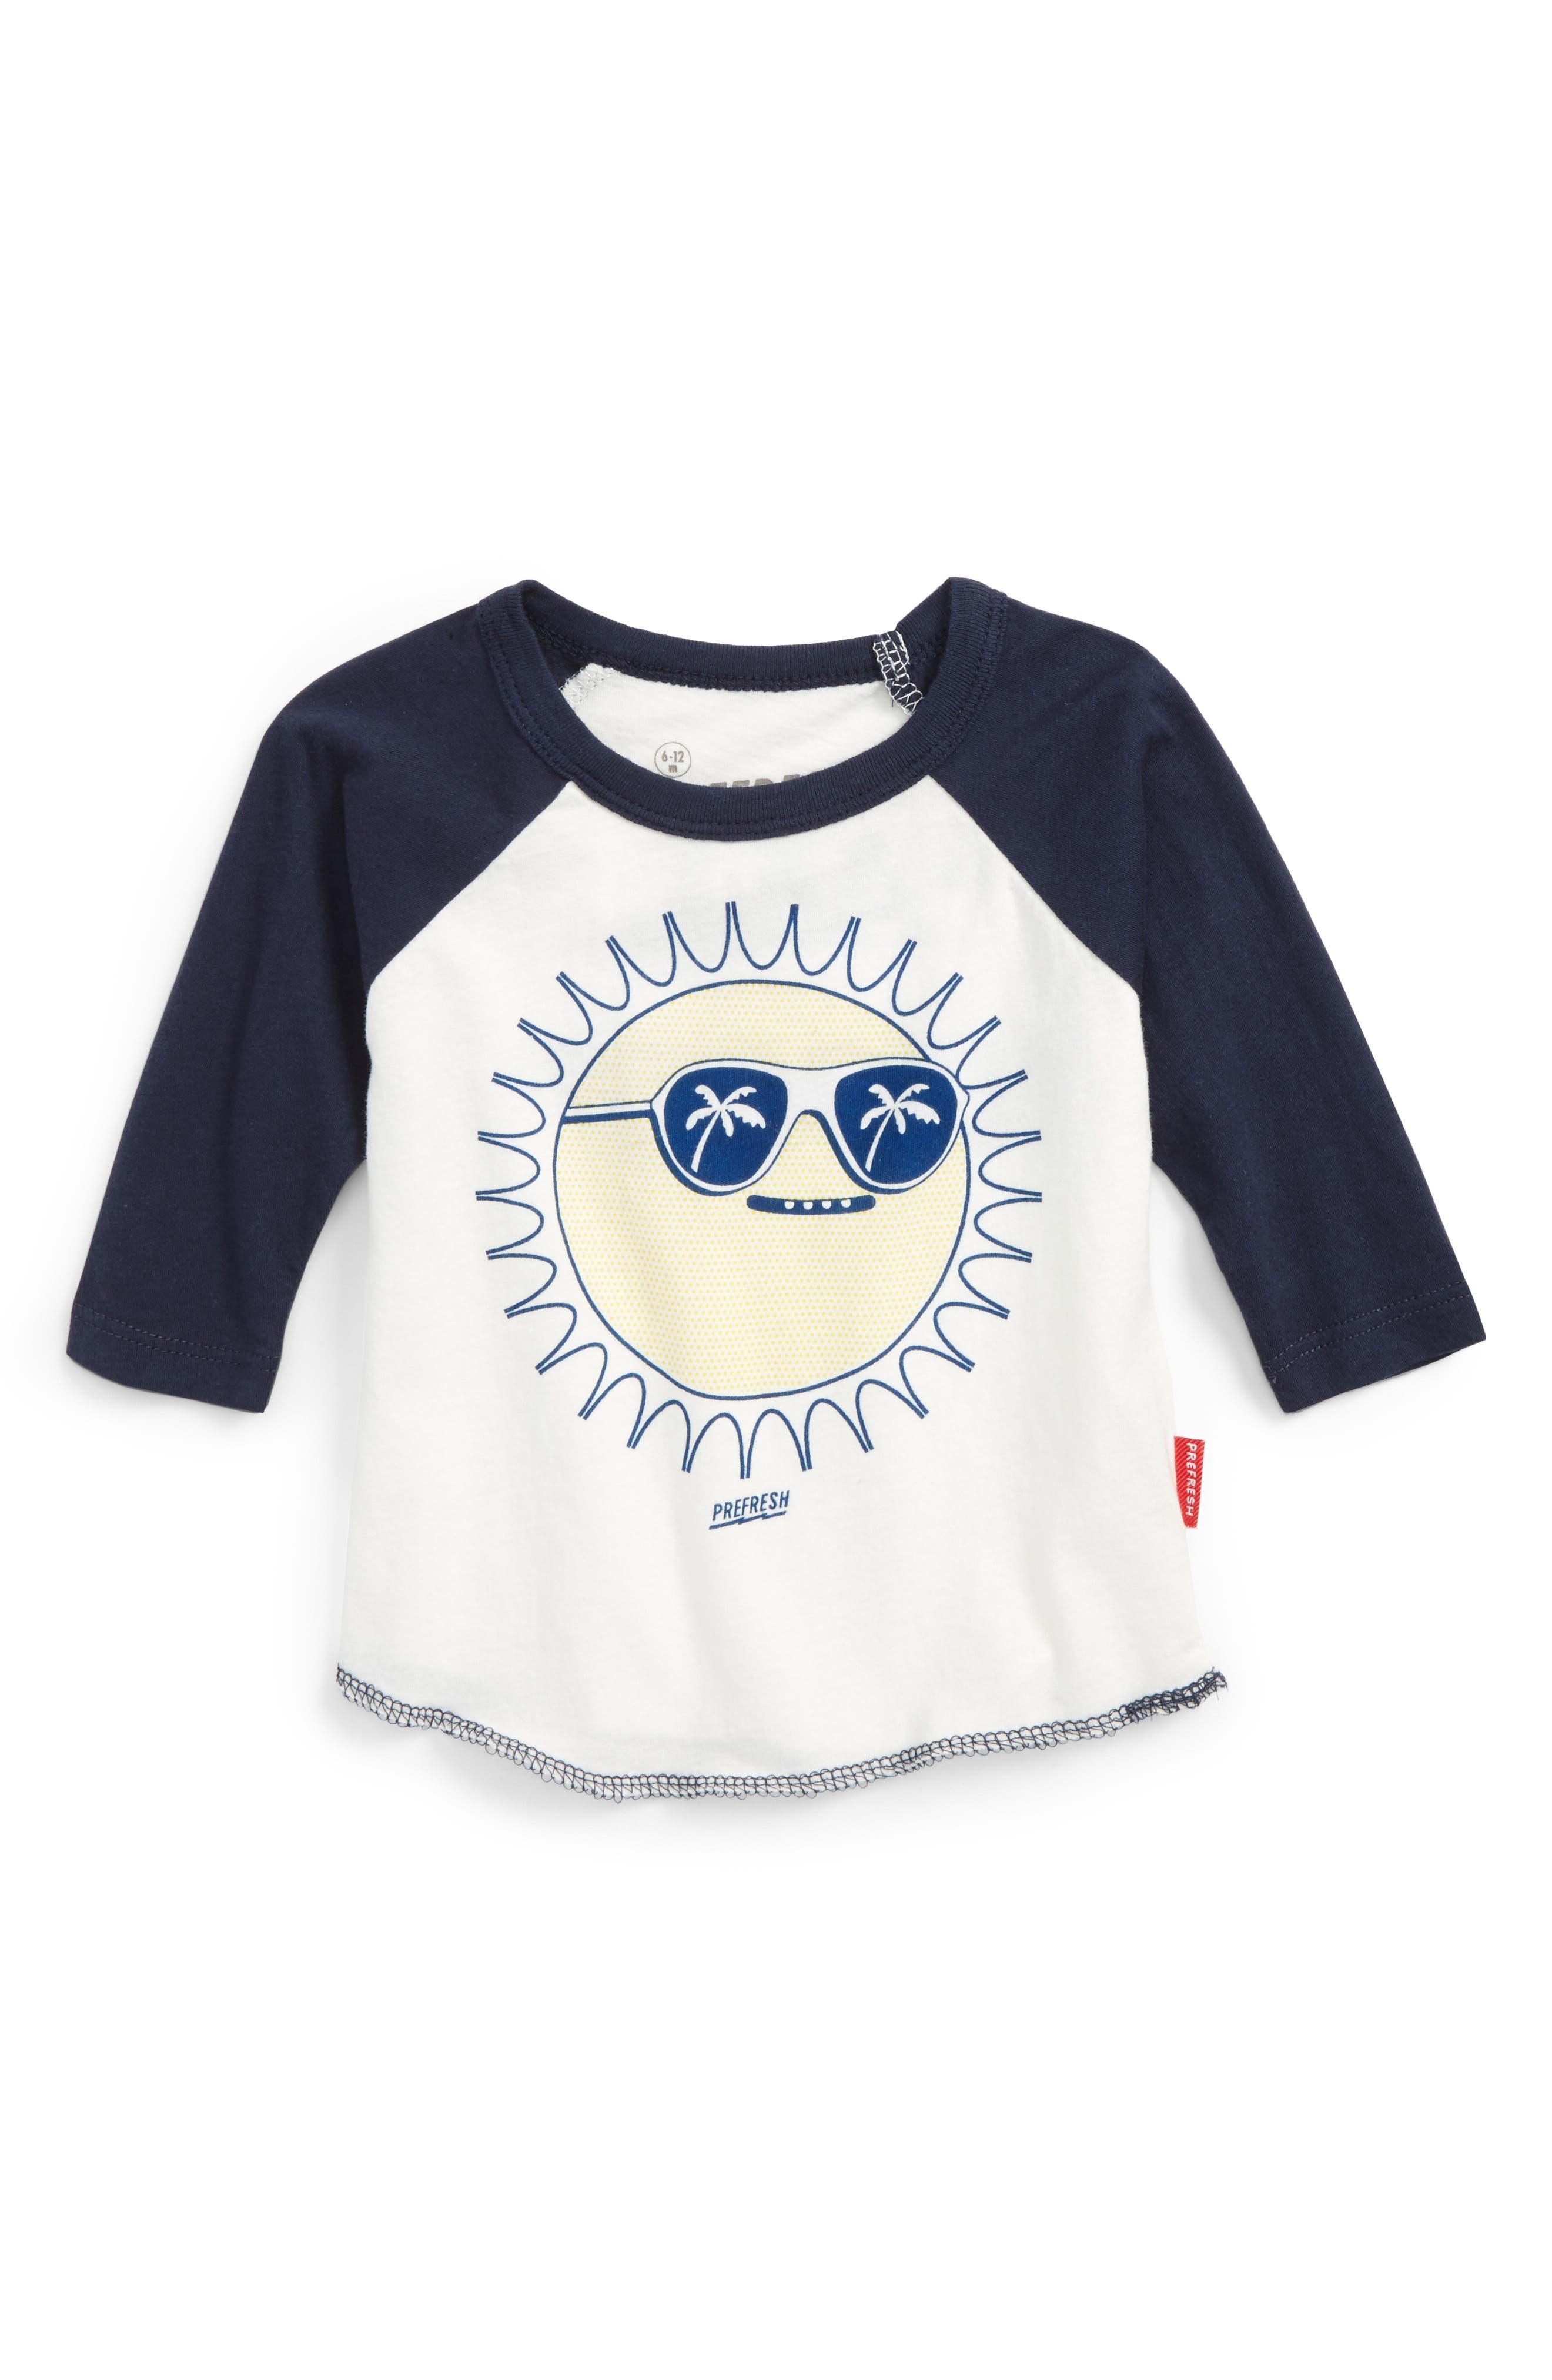 Sunny Baseball Raglan T-Shirt,                             Main thumbnail 1, color,                             902